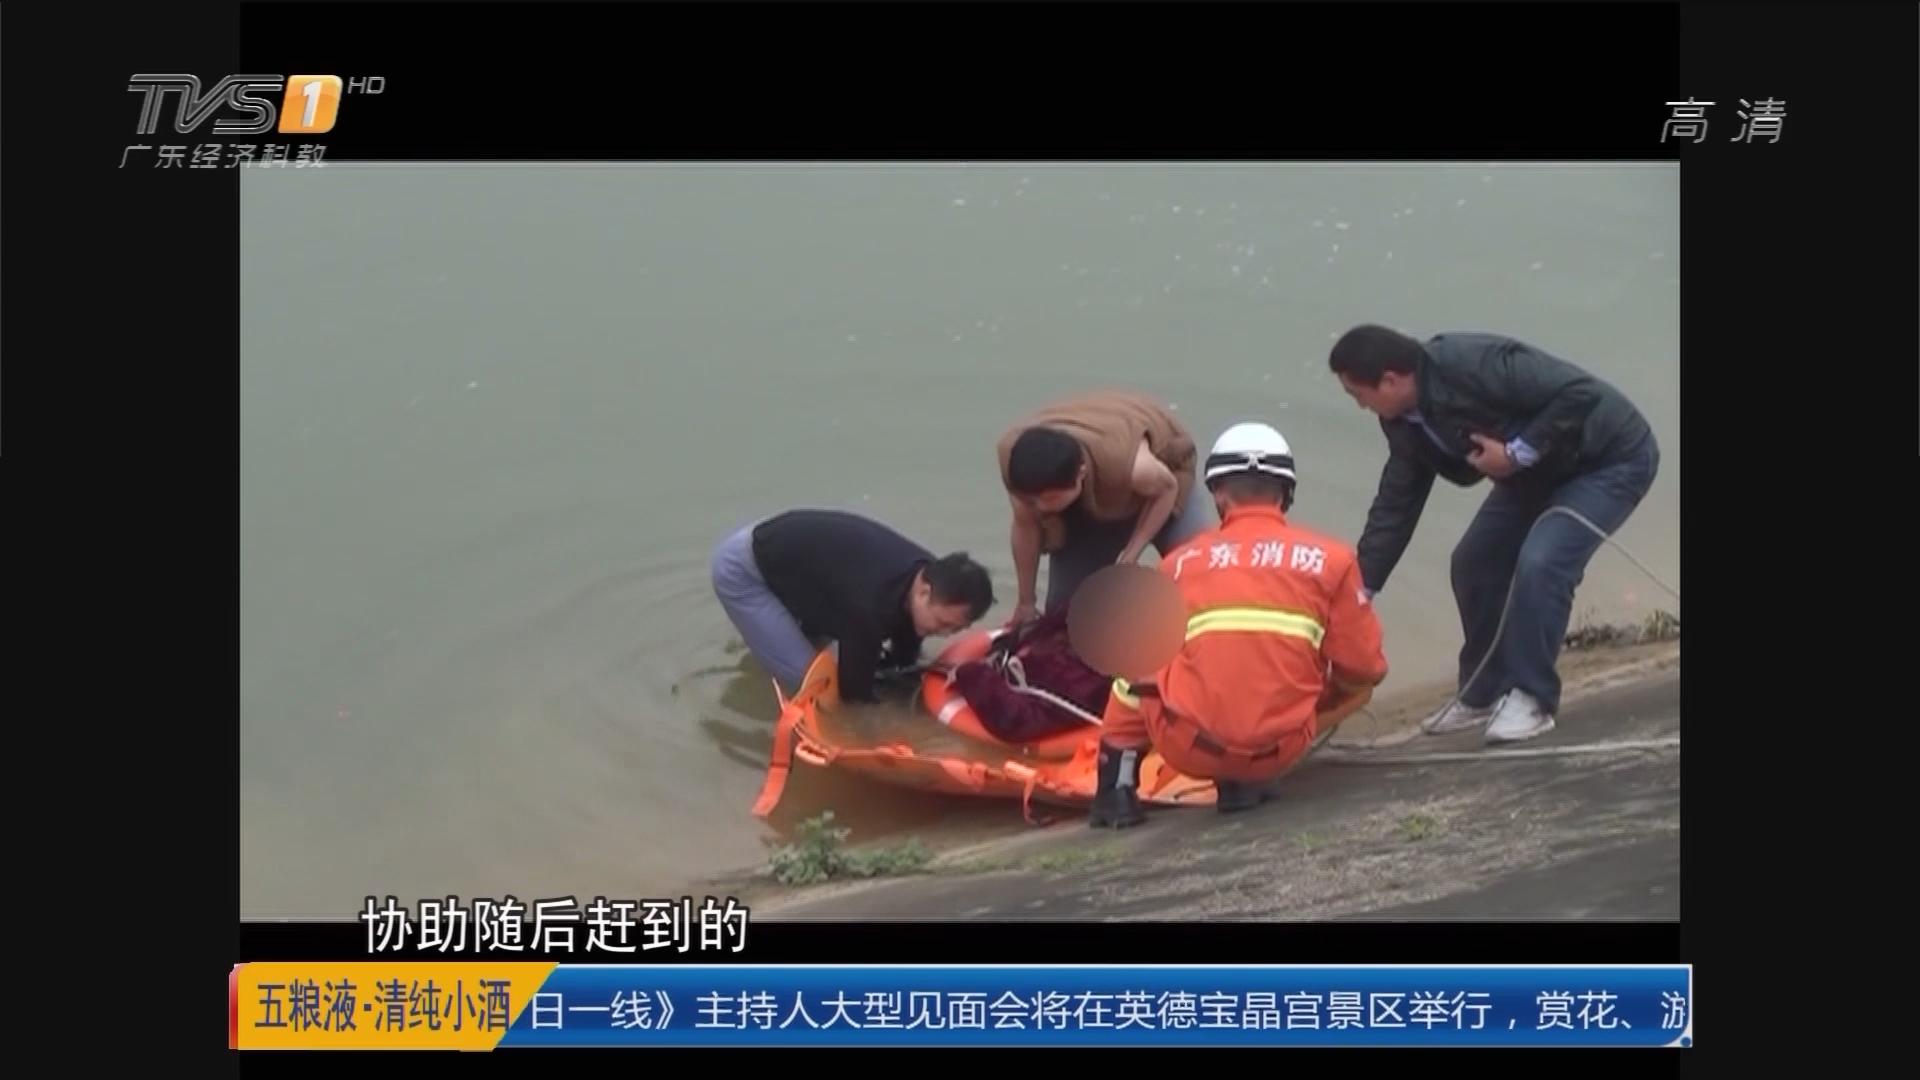 传递正能量:梅州 警民合力救起七旬落水者